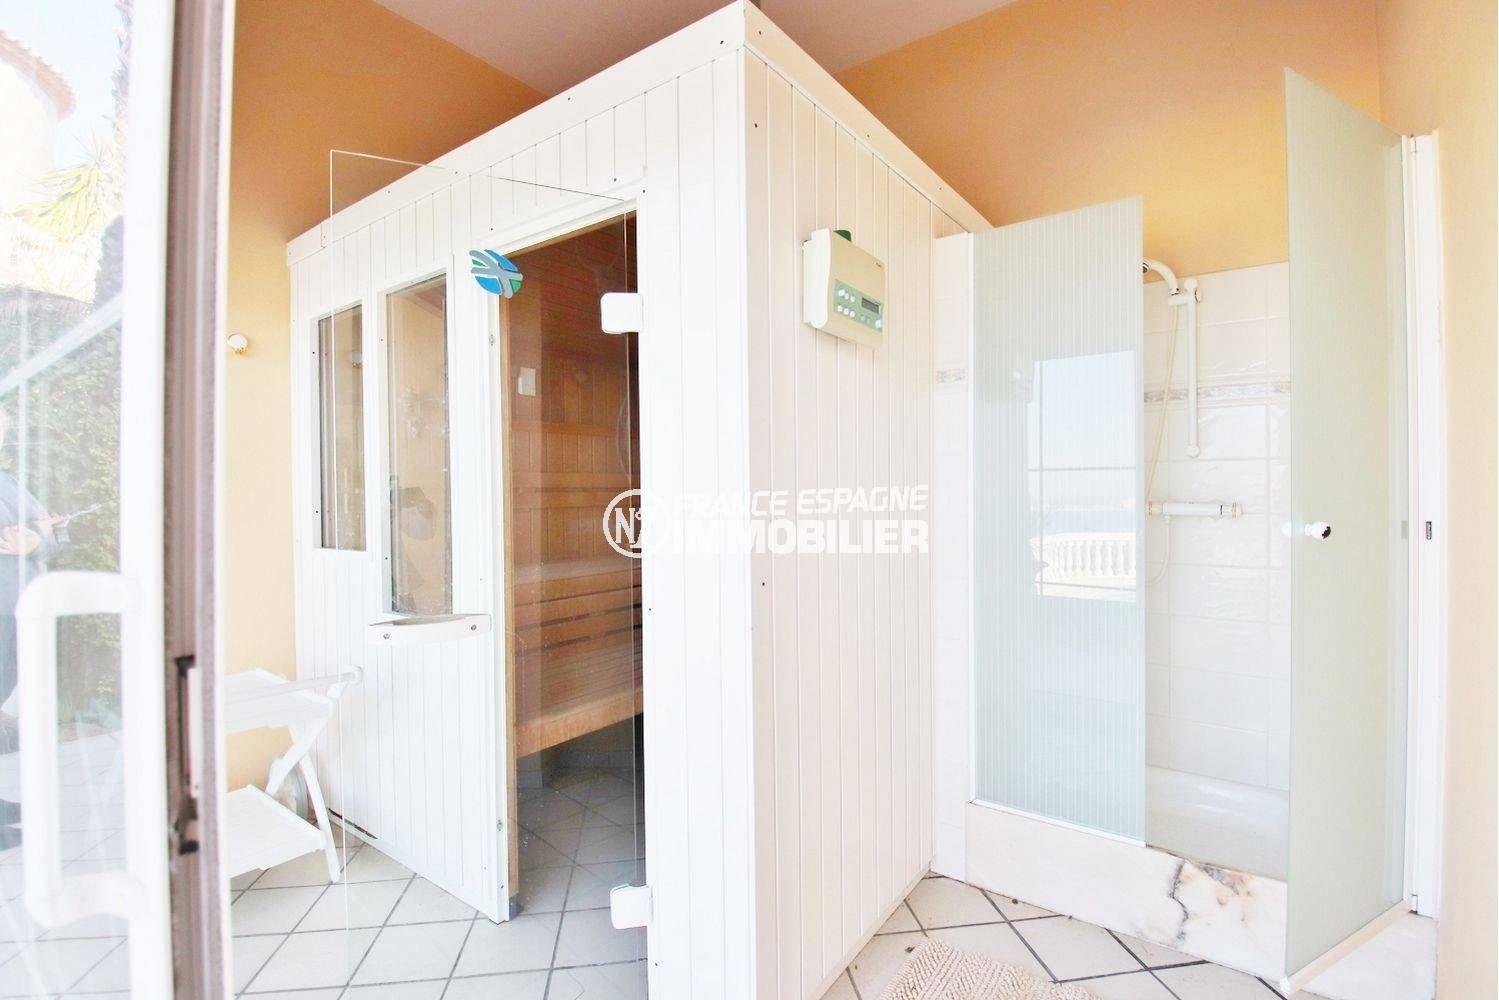 roses immobilier: villa ref.3614, aperçu du sauna et sa cabine de douche